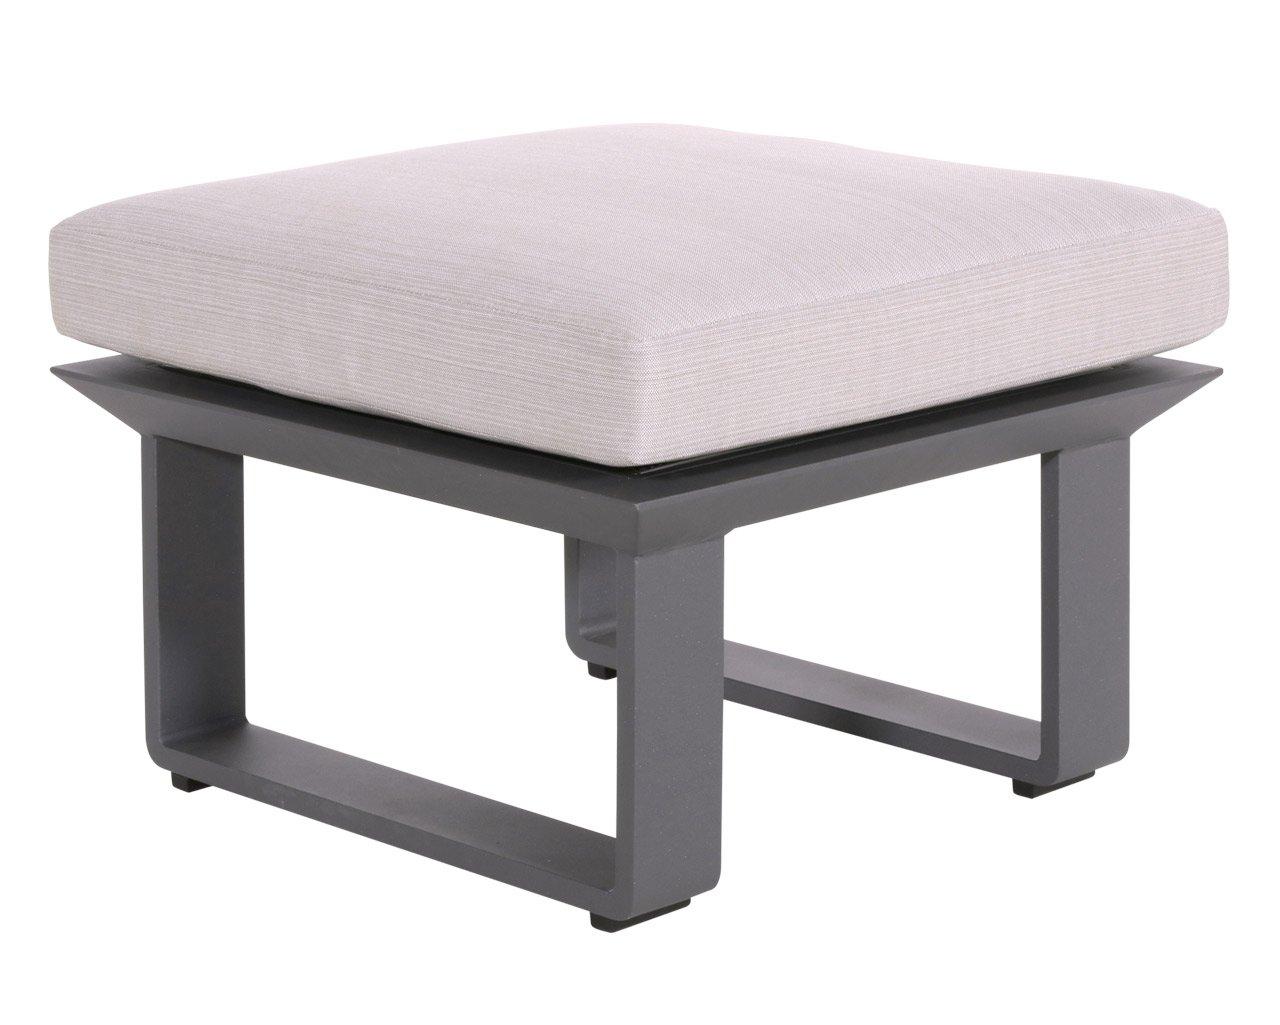 lifestyle4living Hocker aus Aluminium in anthrazit mit Sitzkissen für Terrasse oder Garten. Variabel einsetzbar als Fußbank, Beistellhocker durch Auflagekissen.